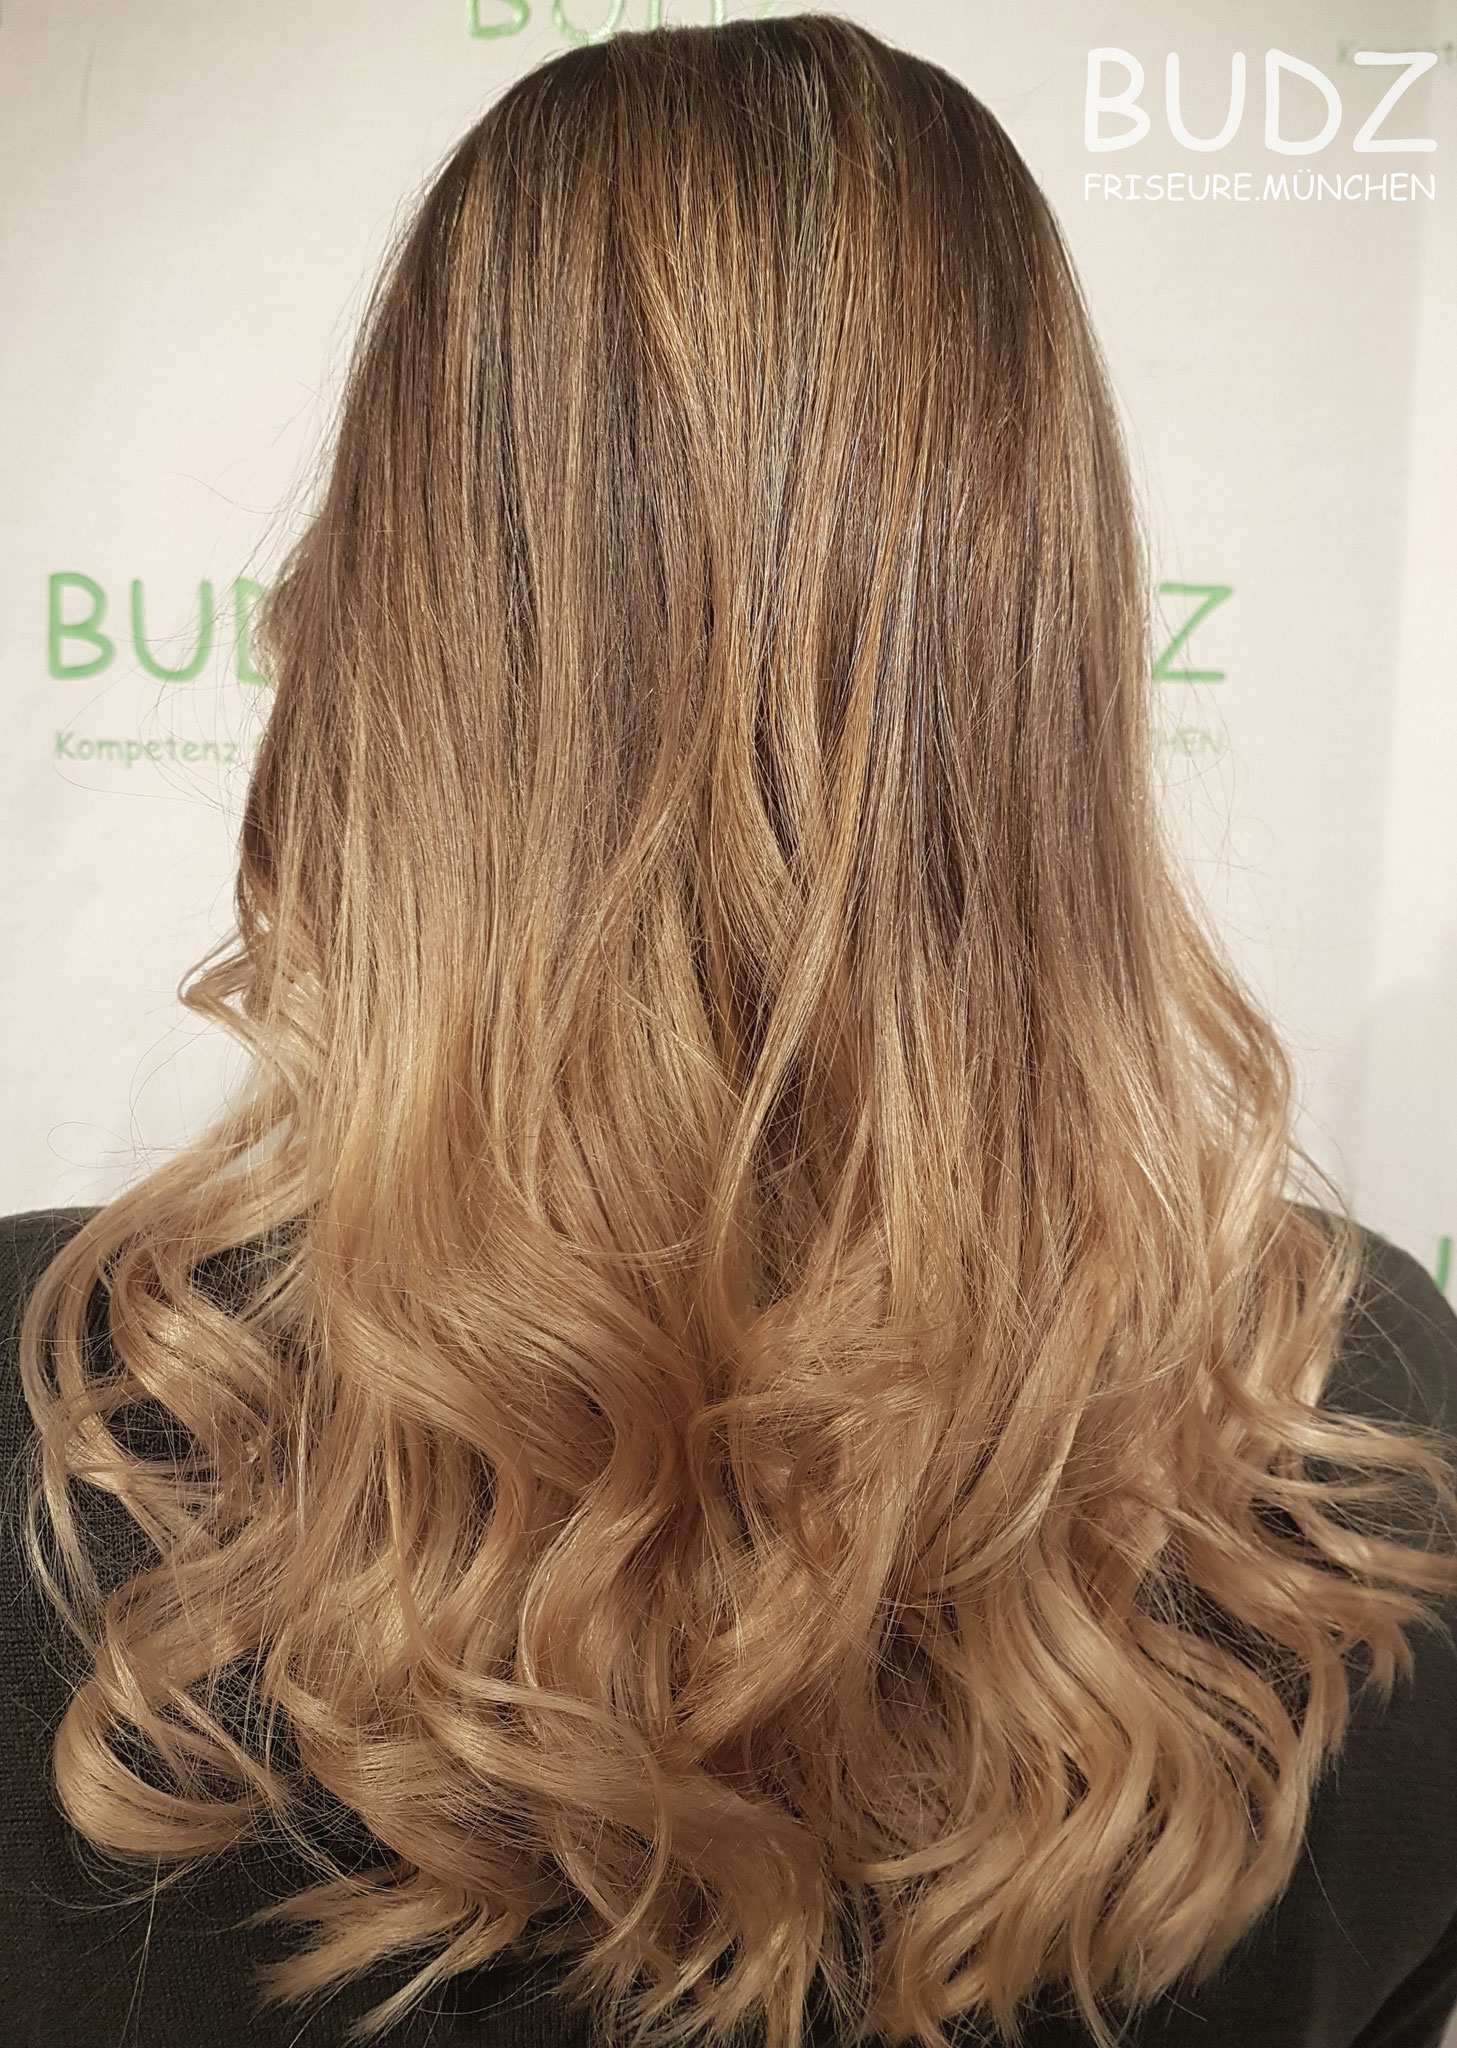 Budz Friseure München Kompetenz Für Haare Ihr Top Friseursalon